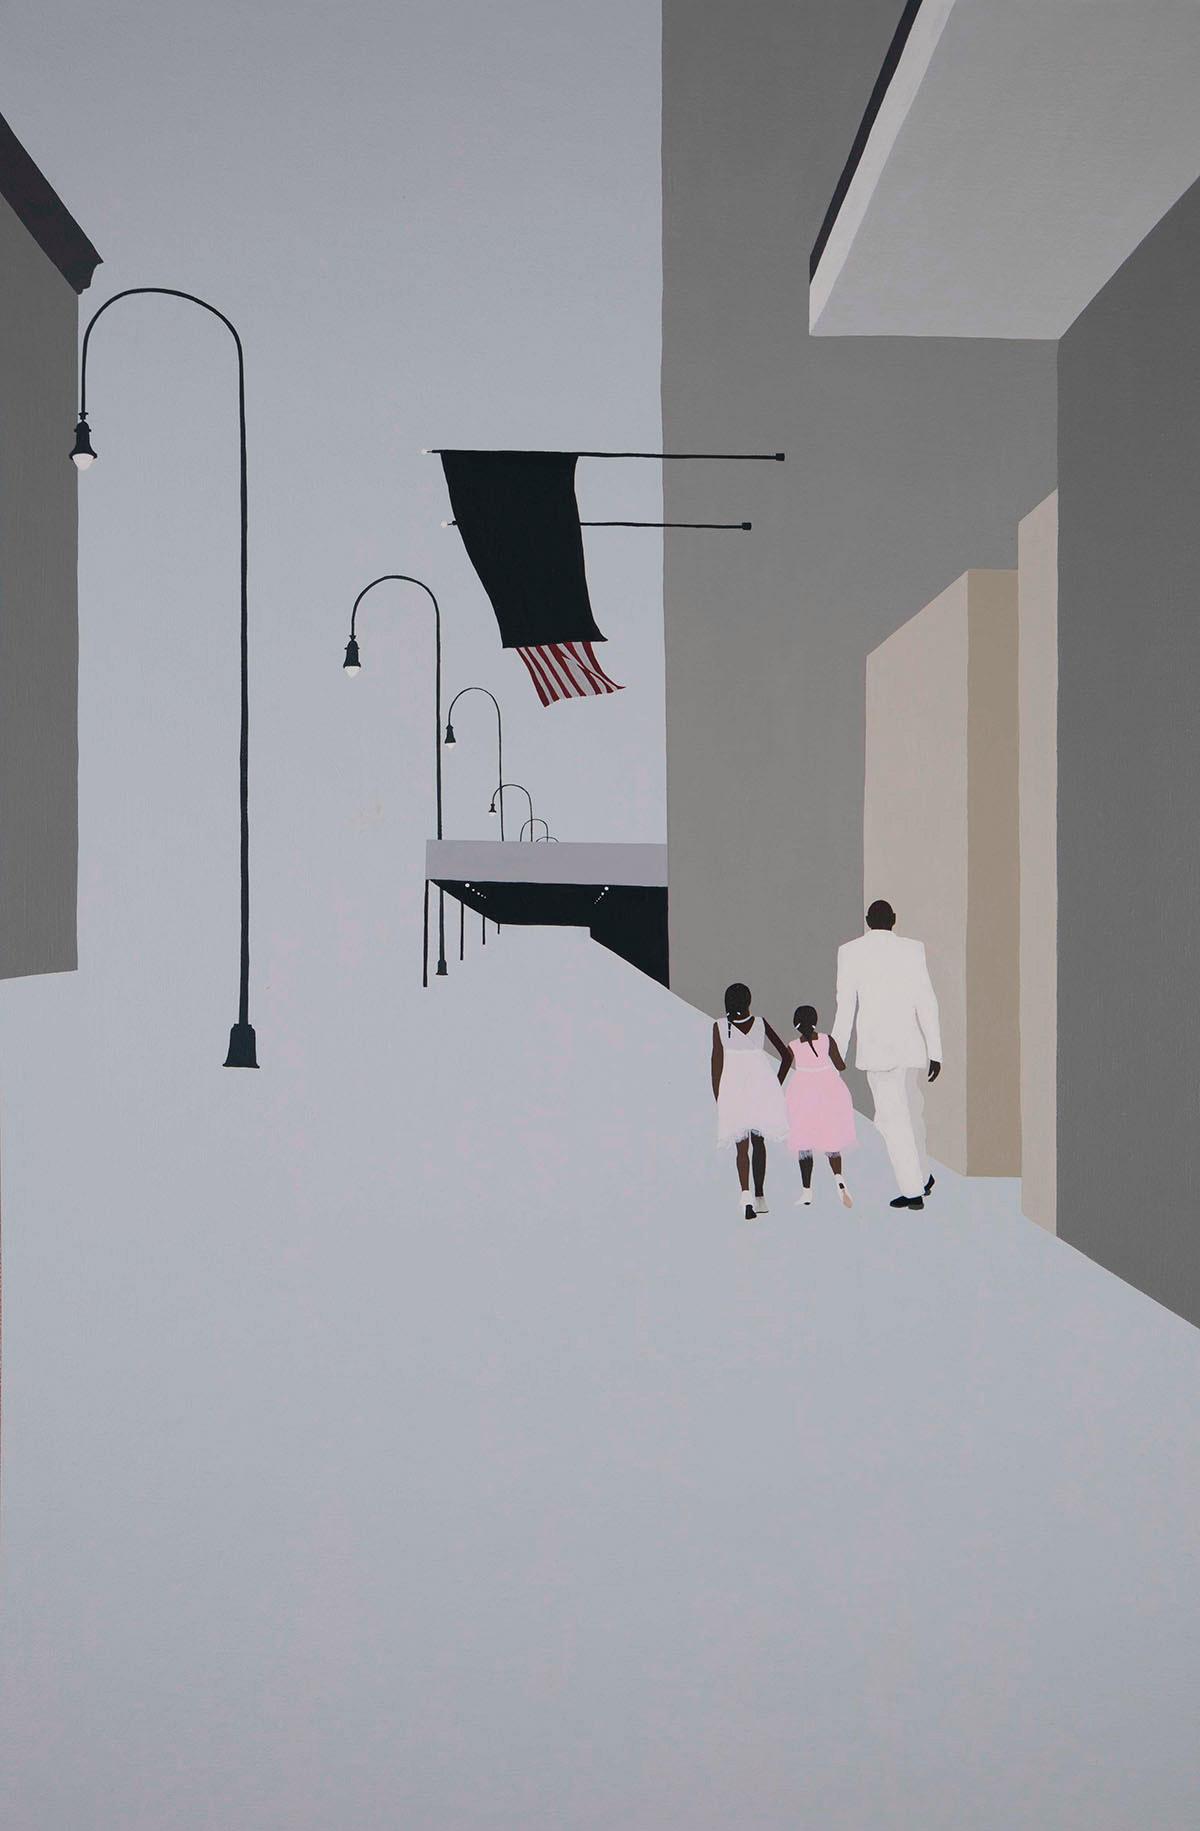 Backs, solitudine e isolamento nei dipinti di Gwen Yip | Collater.al 4